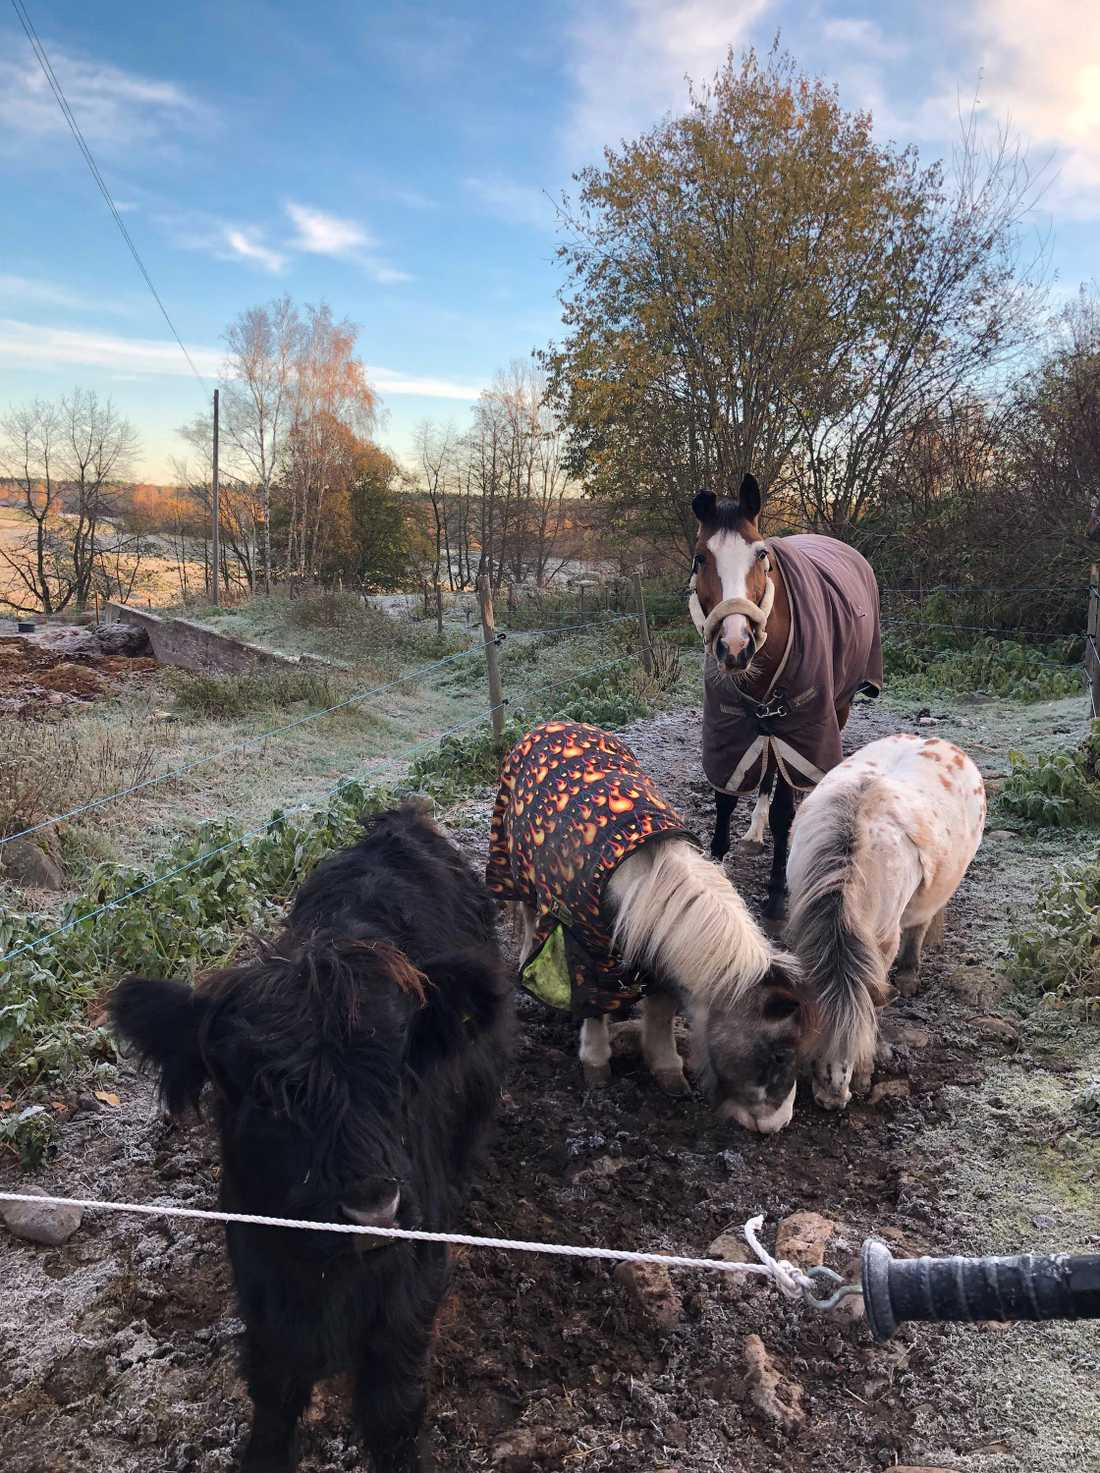 Kalven Sigge hänger med två ponnys och en större häst i hagen.